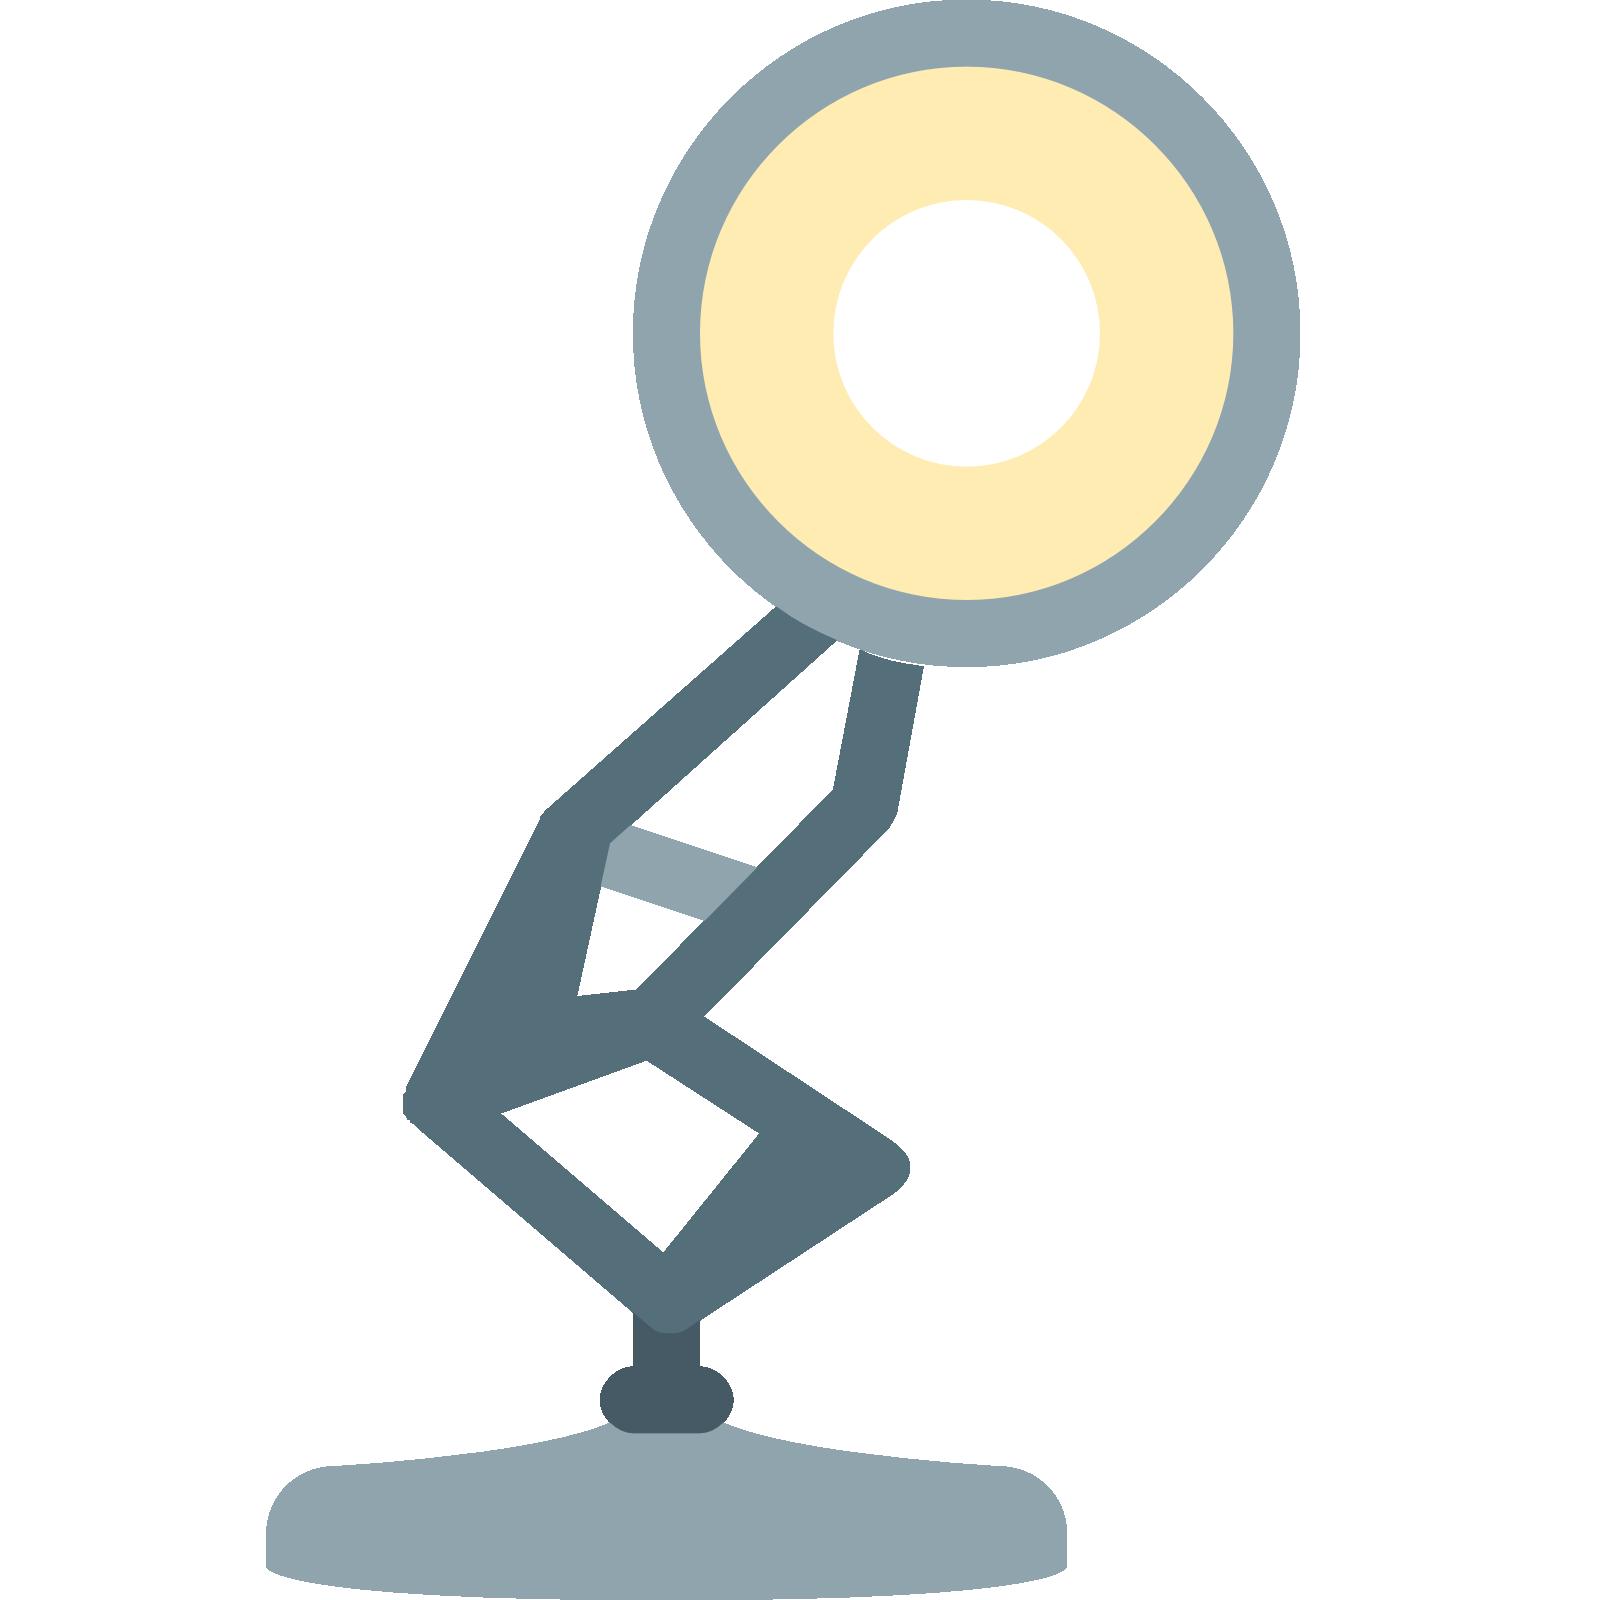 Drawn bulb pixar lamp Free Download Pixar Icon Lamp